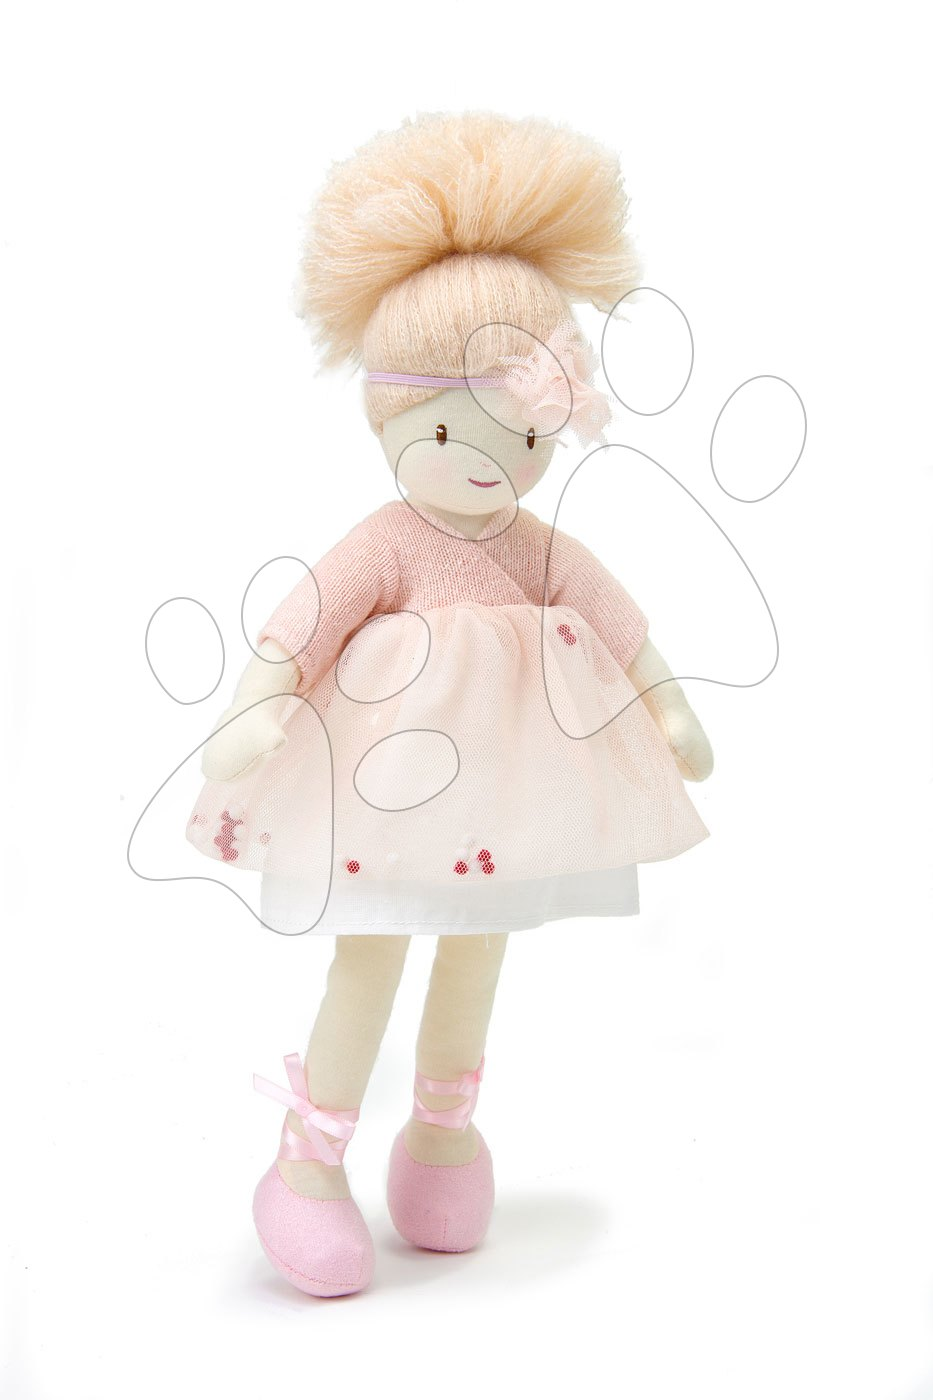 Panenka hadrová Amelie Rag Doll ThreadBear 35 cm z jemné měkké bavlny s blond drdolem